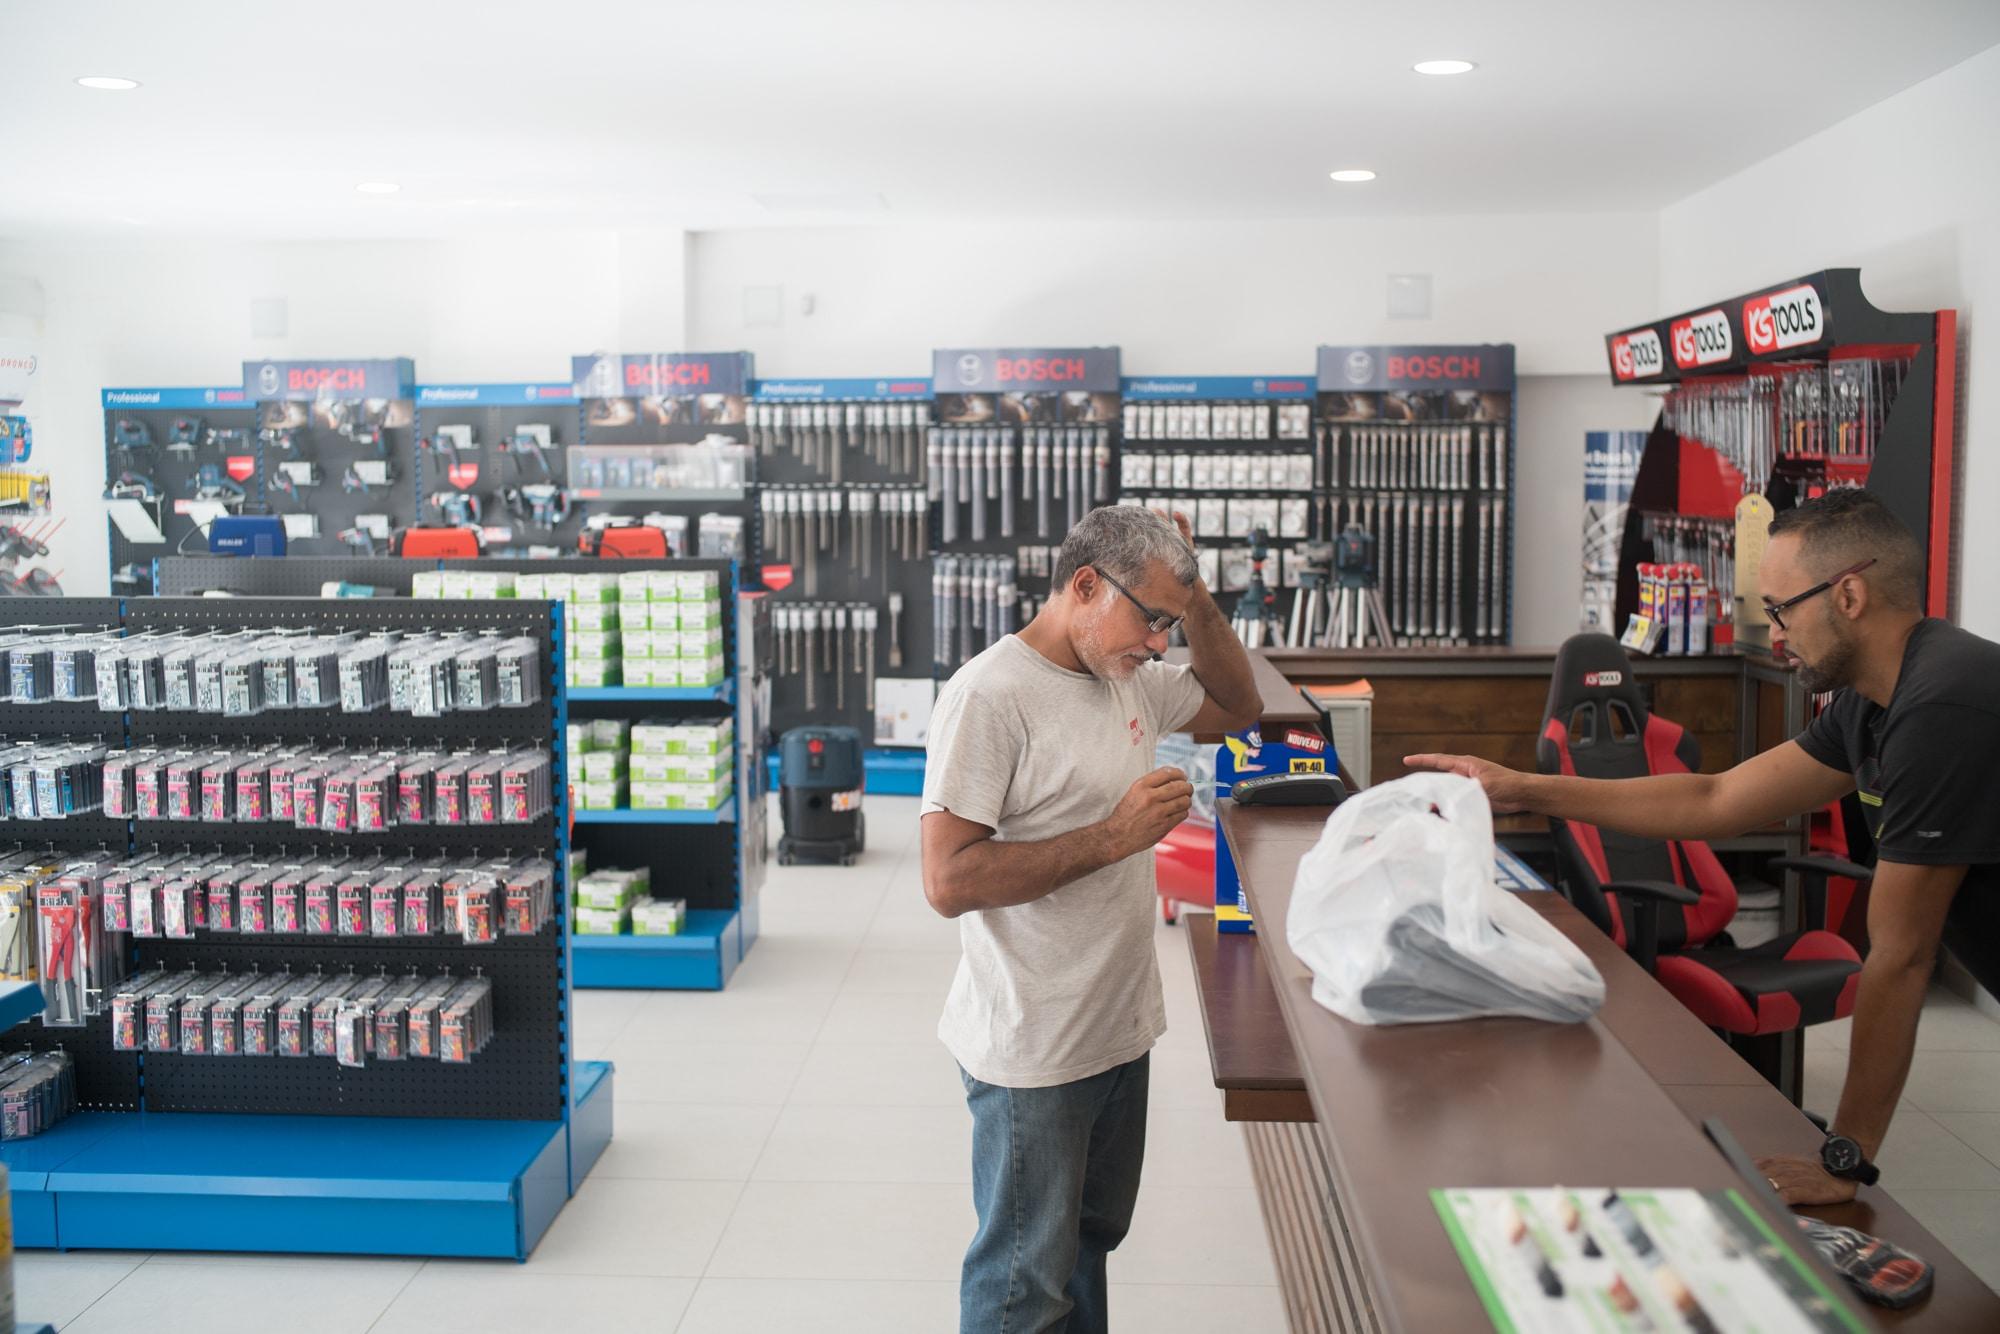 Jean-Claude finalise des achats à la caisse d'un magasin de matériaux.